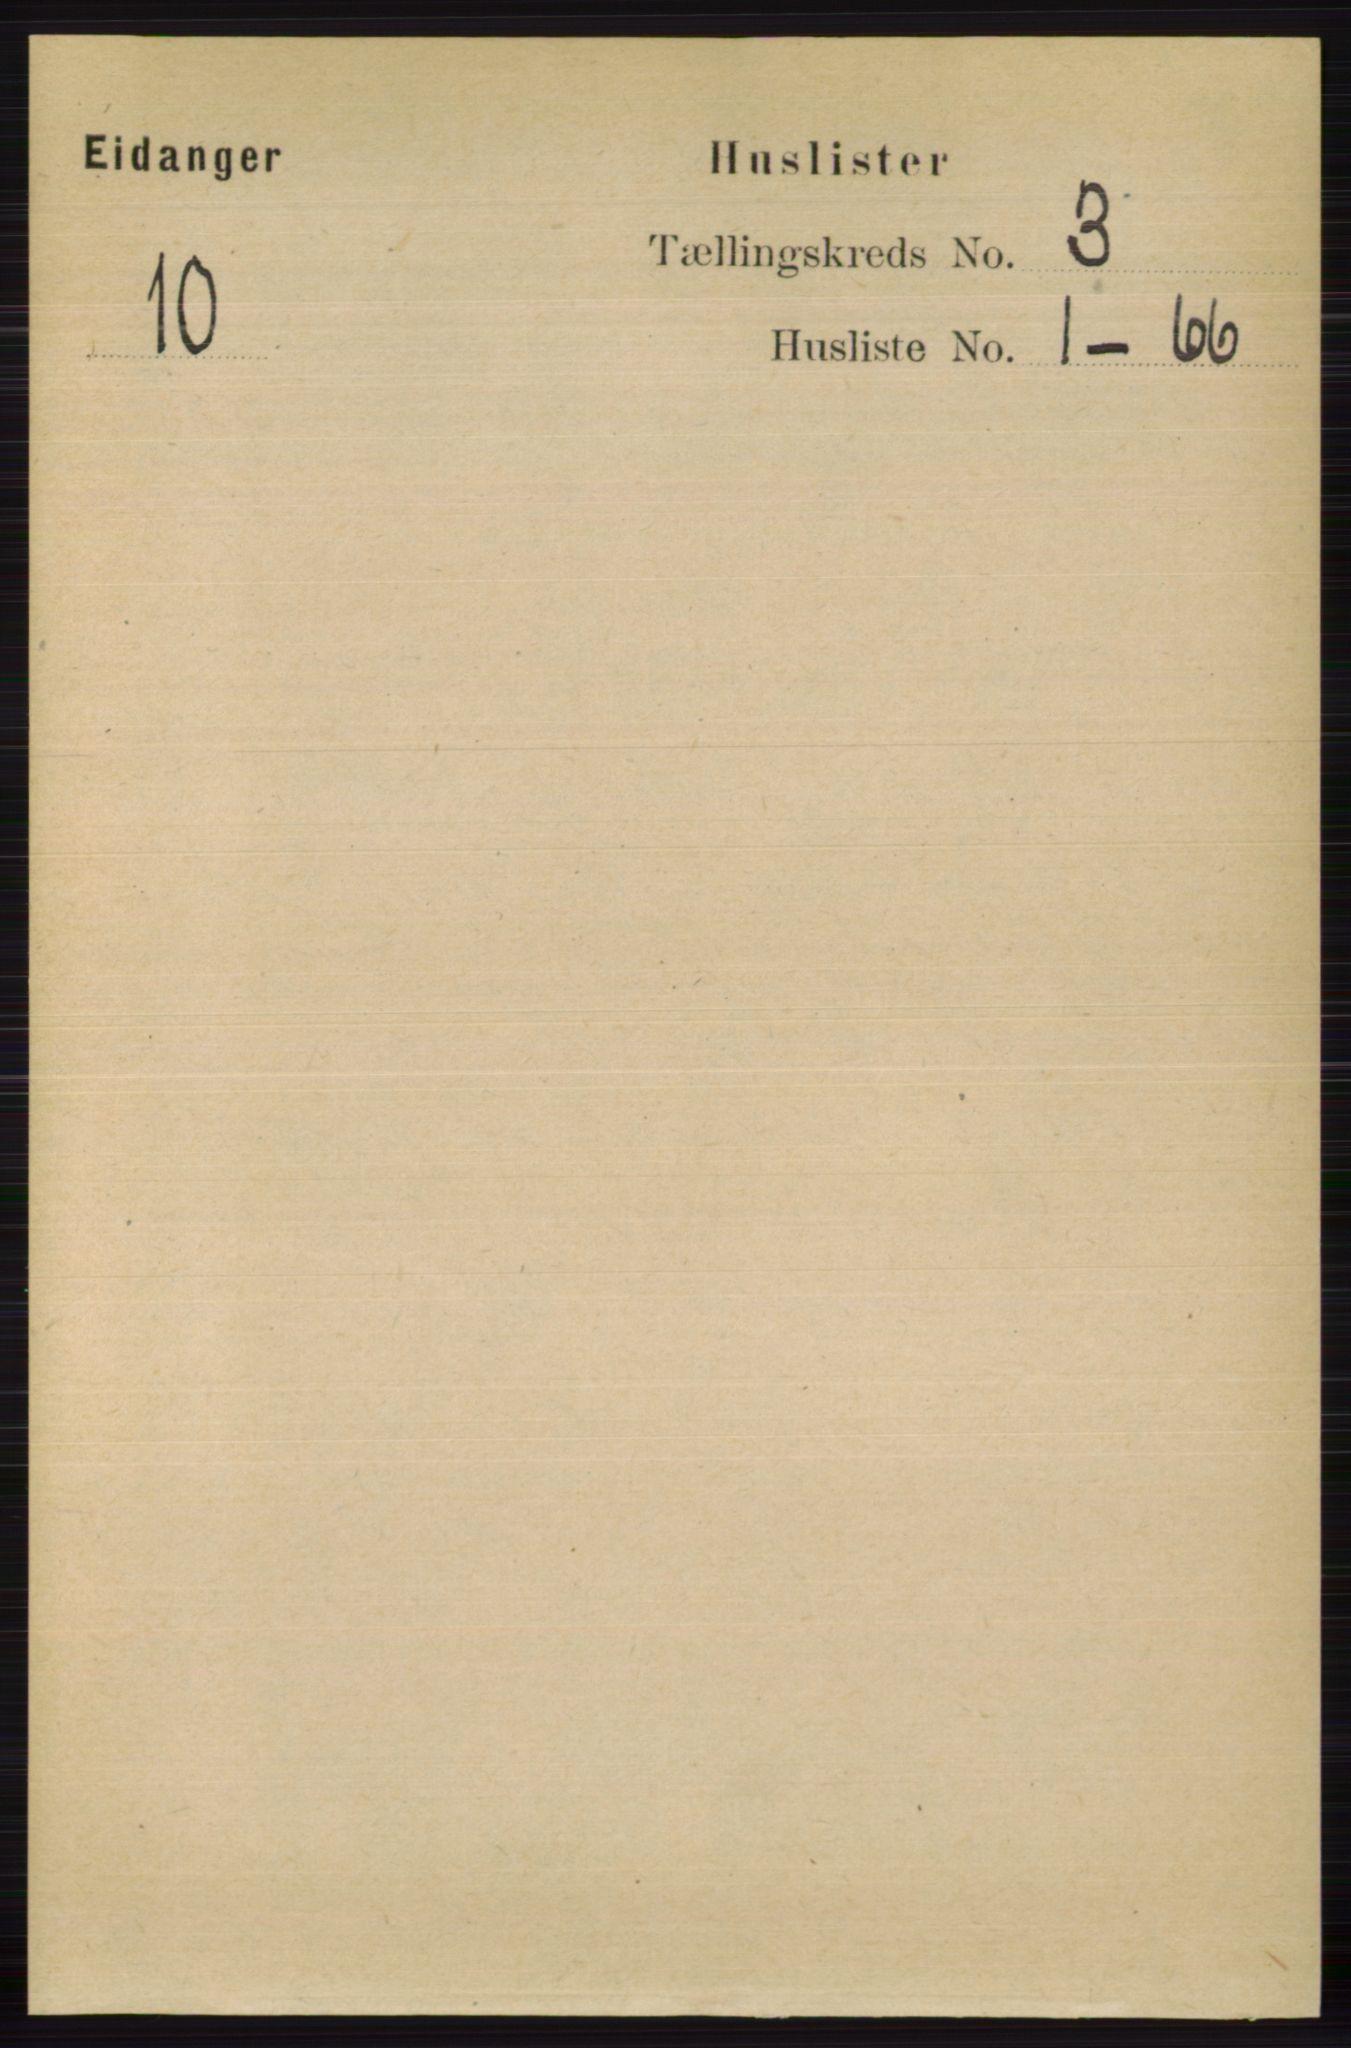 RA, Folketelling 1891 for 0813 Eidanger herred, 1891, s. 1447